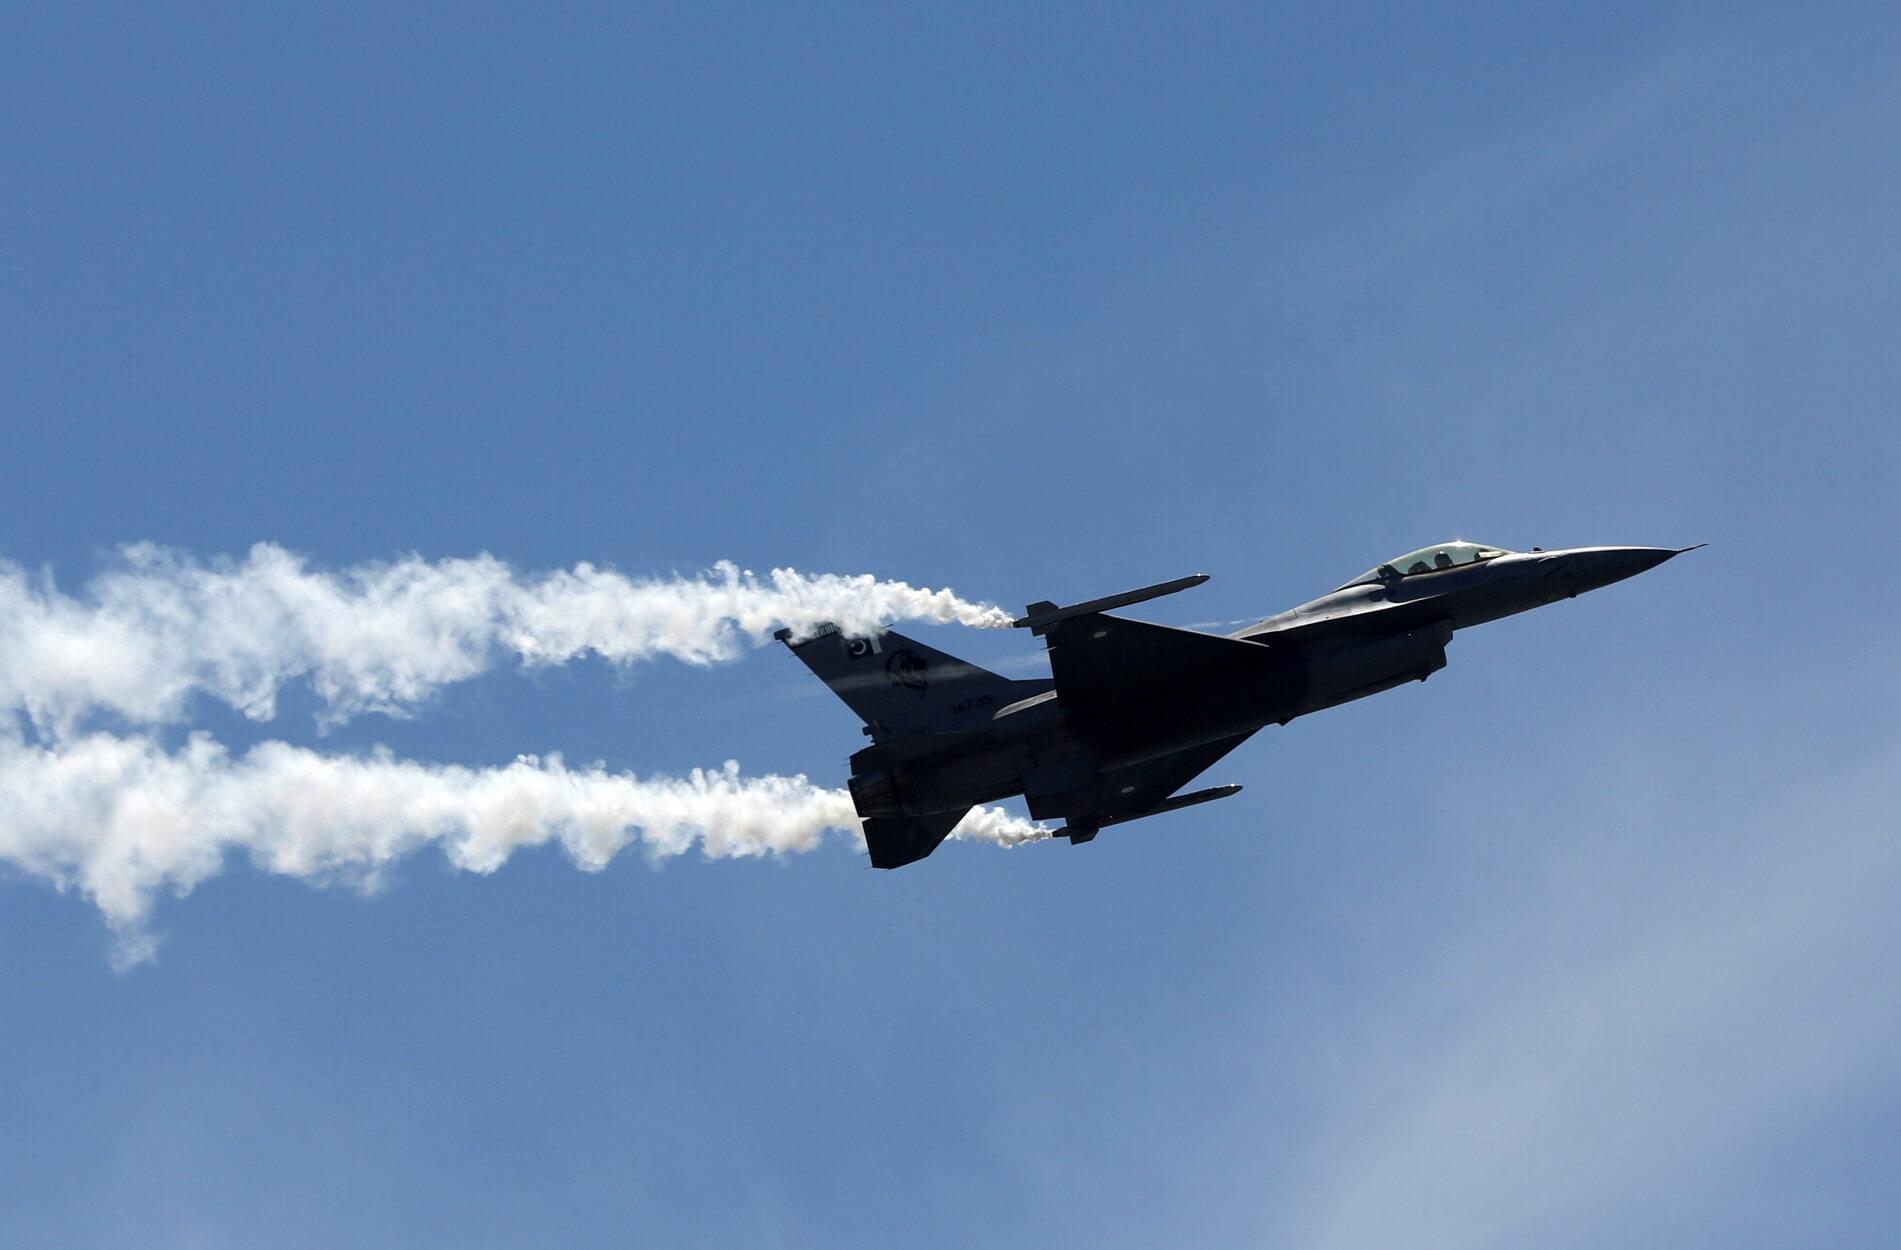 ΗΠΑ – Πακιστάν: Πείτε μας αν καταρρίψατε τον Ινδό πιλότο με F-16